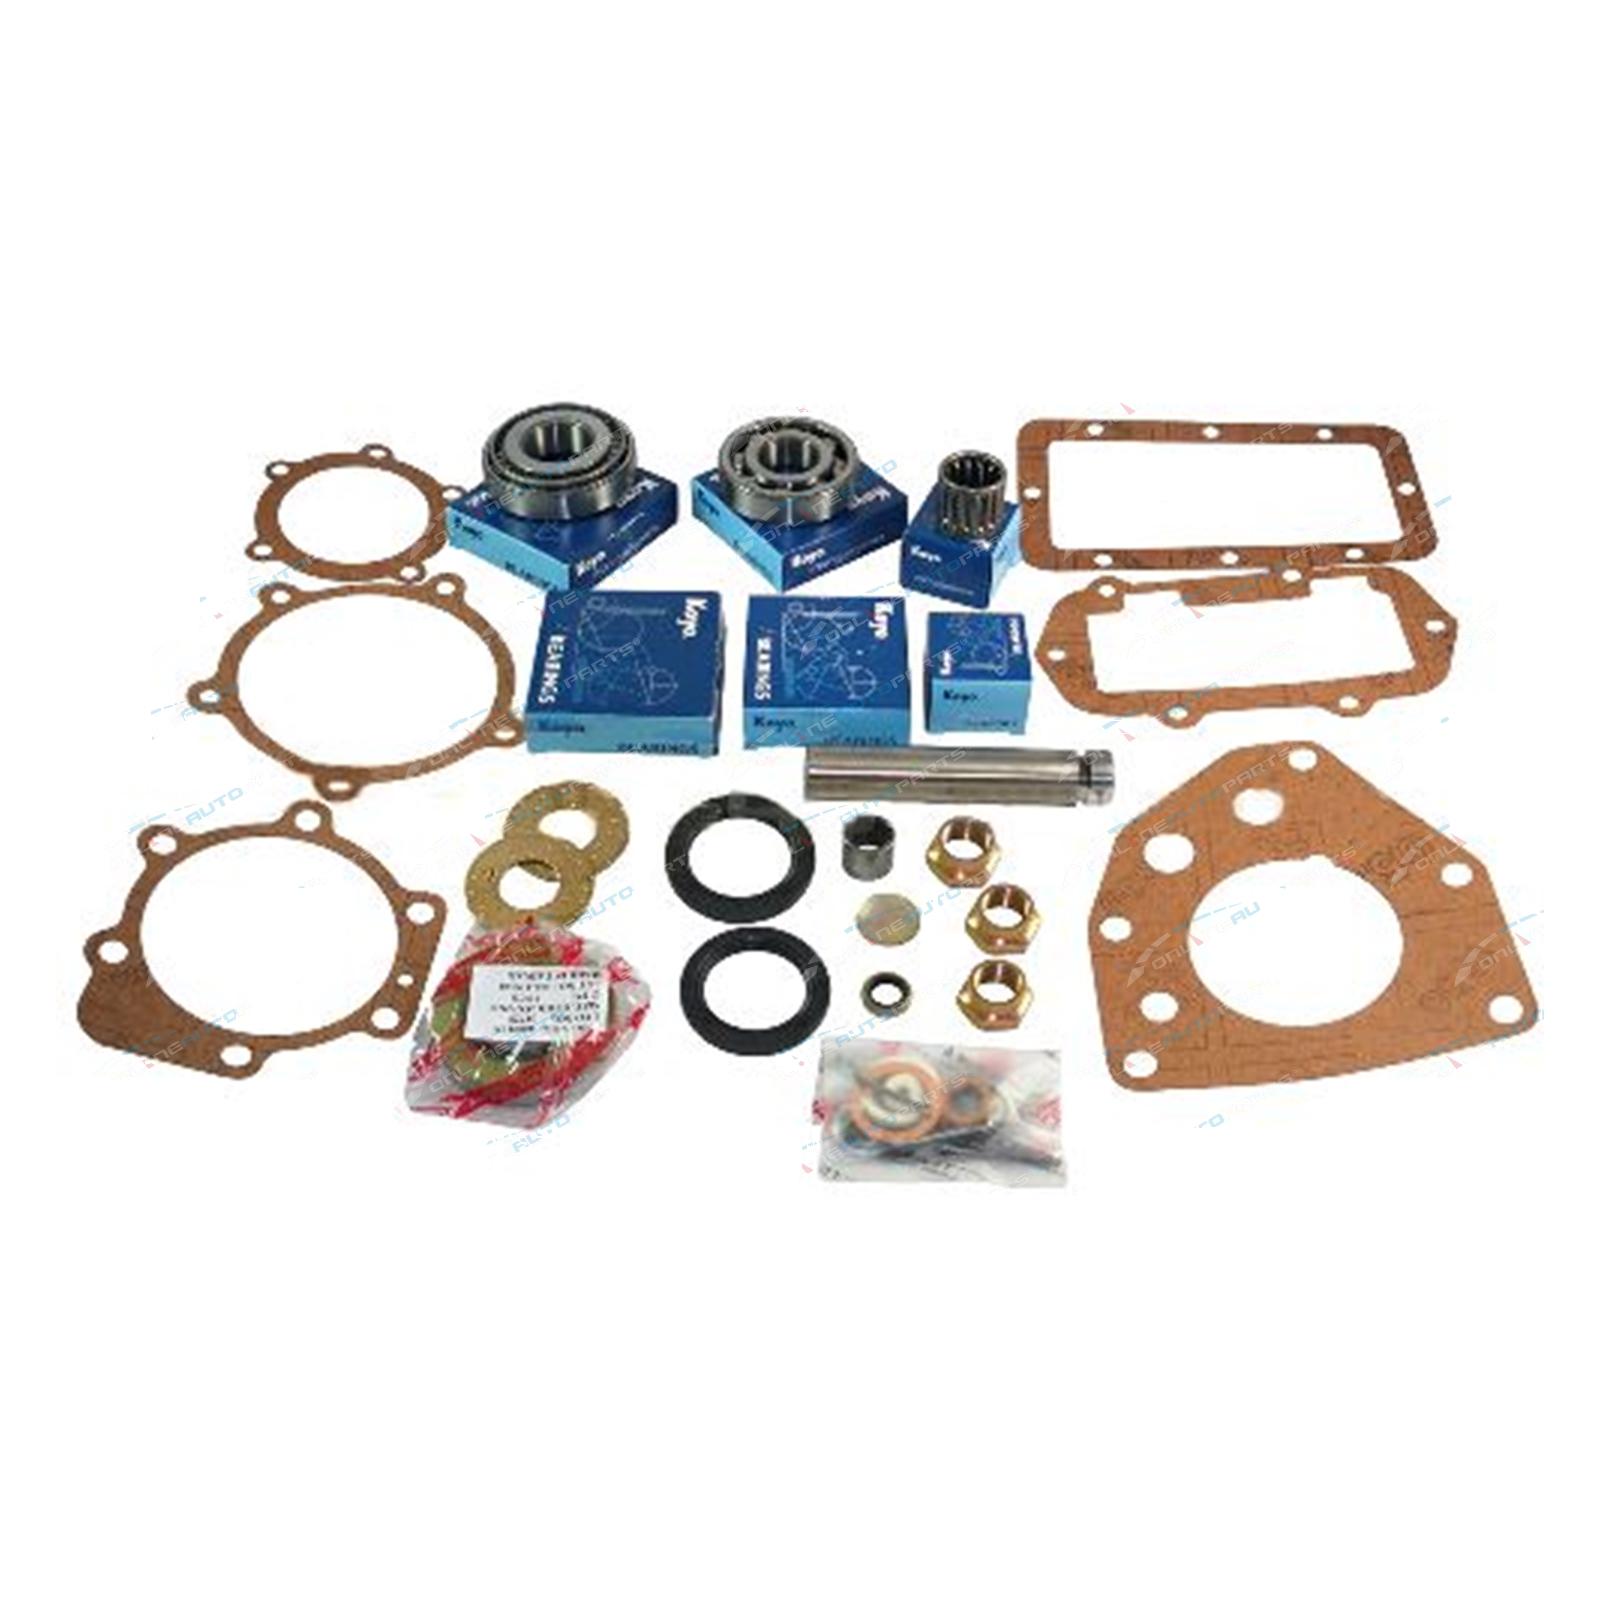 Transfer Case Rebuild Kit Suits Toyota Landcruiser 40 55 Series Bj40 1973 Fj55 Land Cruiser Fj40 Fj45 Hj45 9